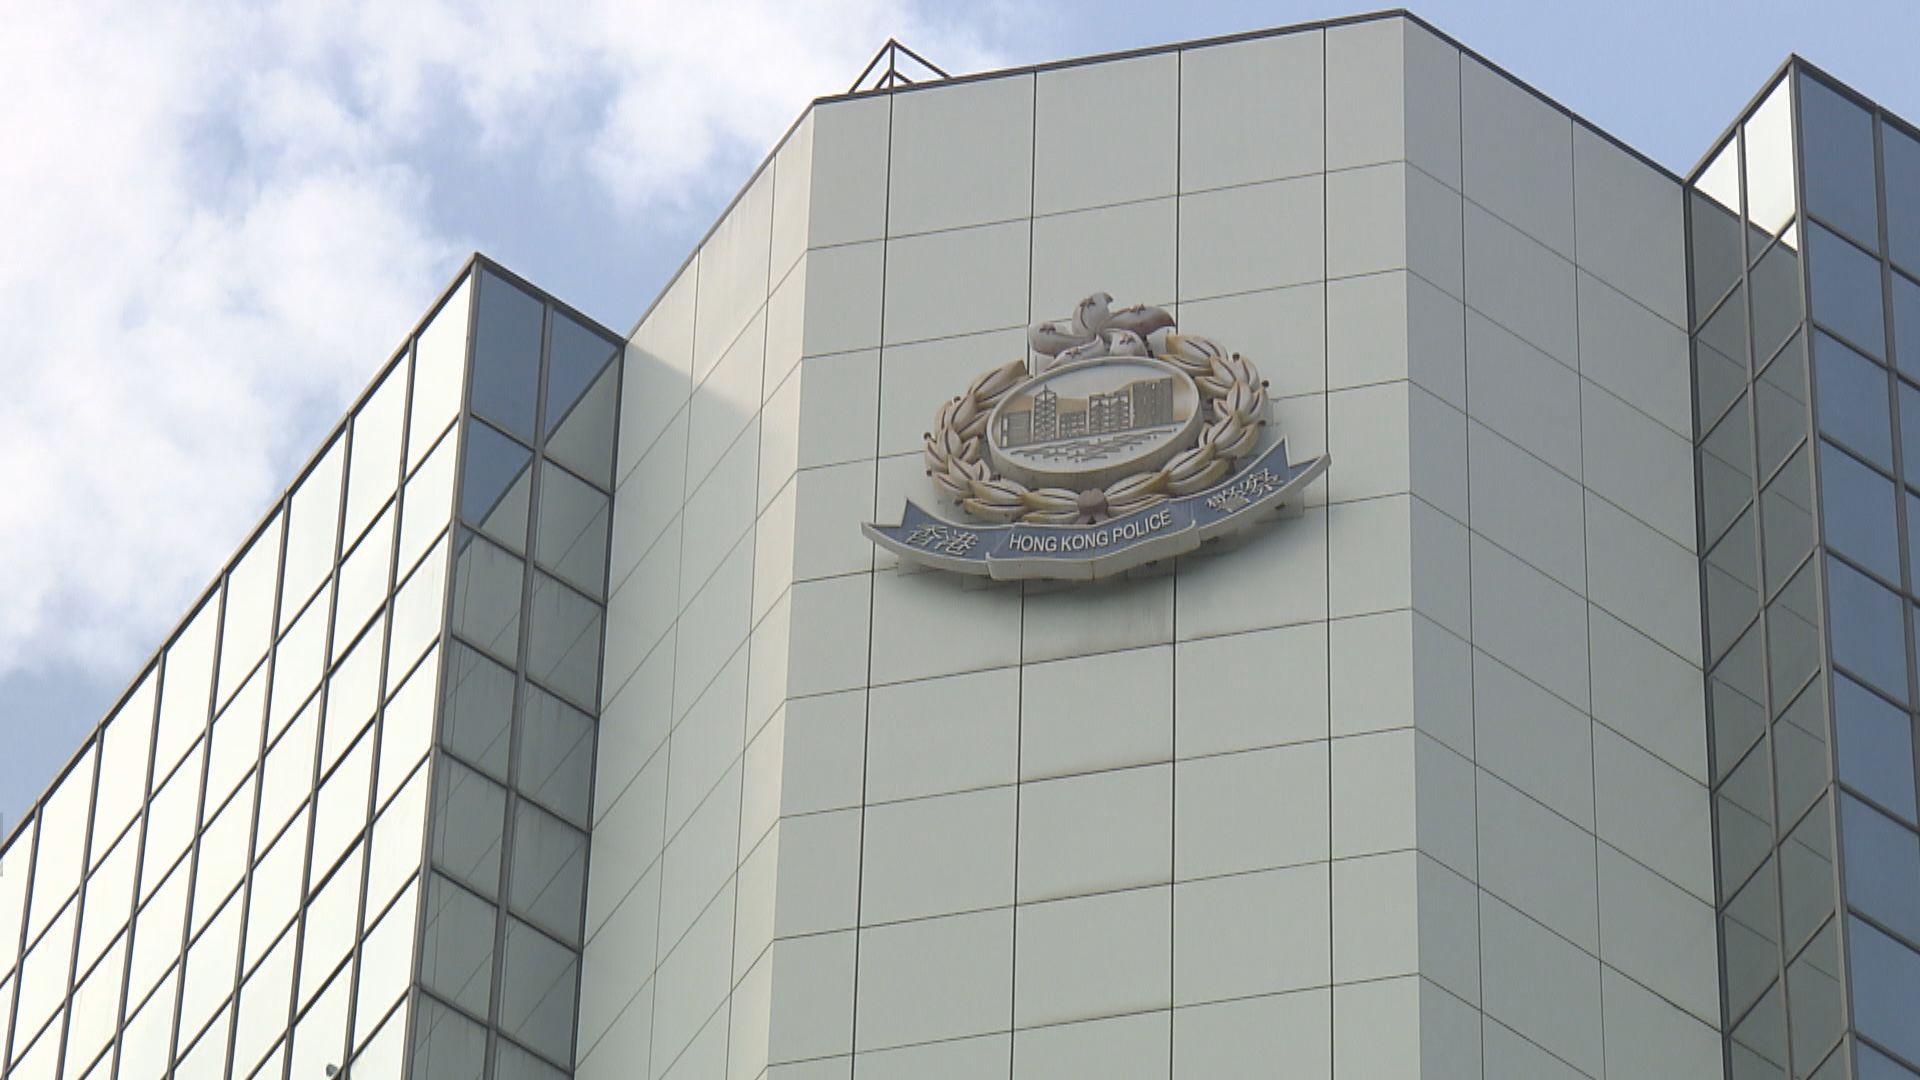 警方接獲粵公安廳回覆 將呈請檢察院批准逮捕十二港人